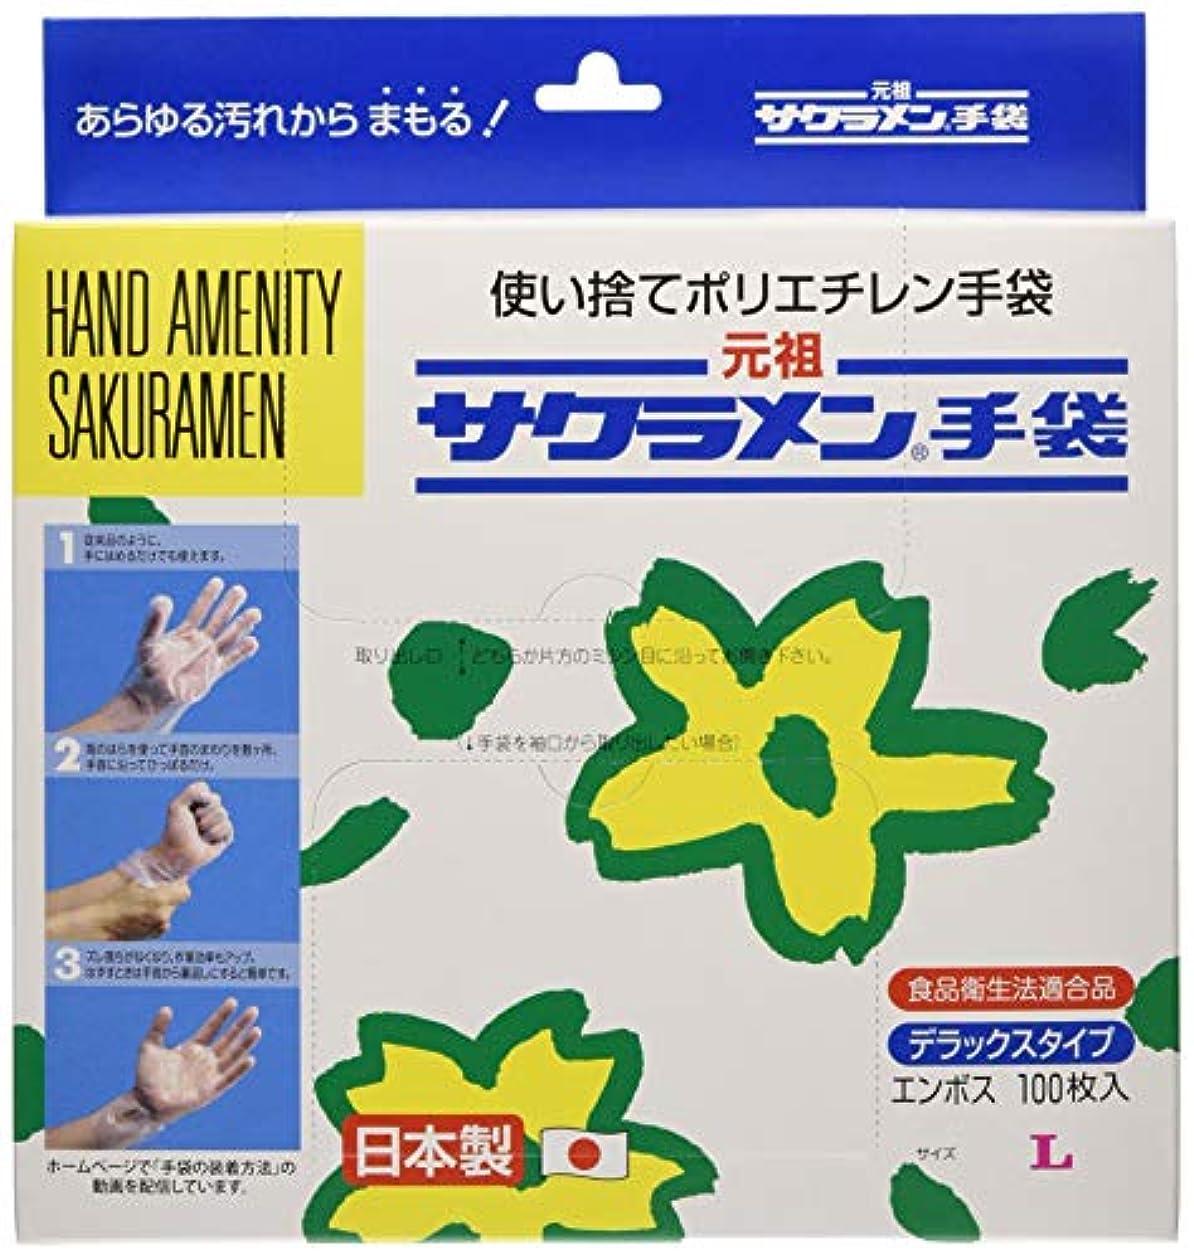 ハイジャック郊外浸漬サクラメン手袋 デラックス(100枚入)L ピンク 35μ